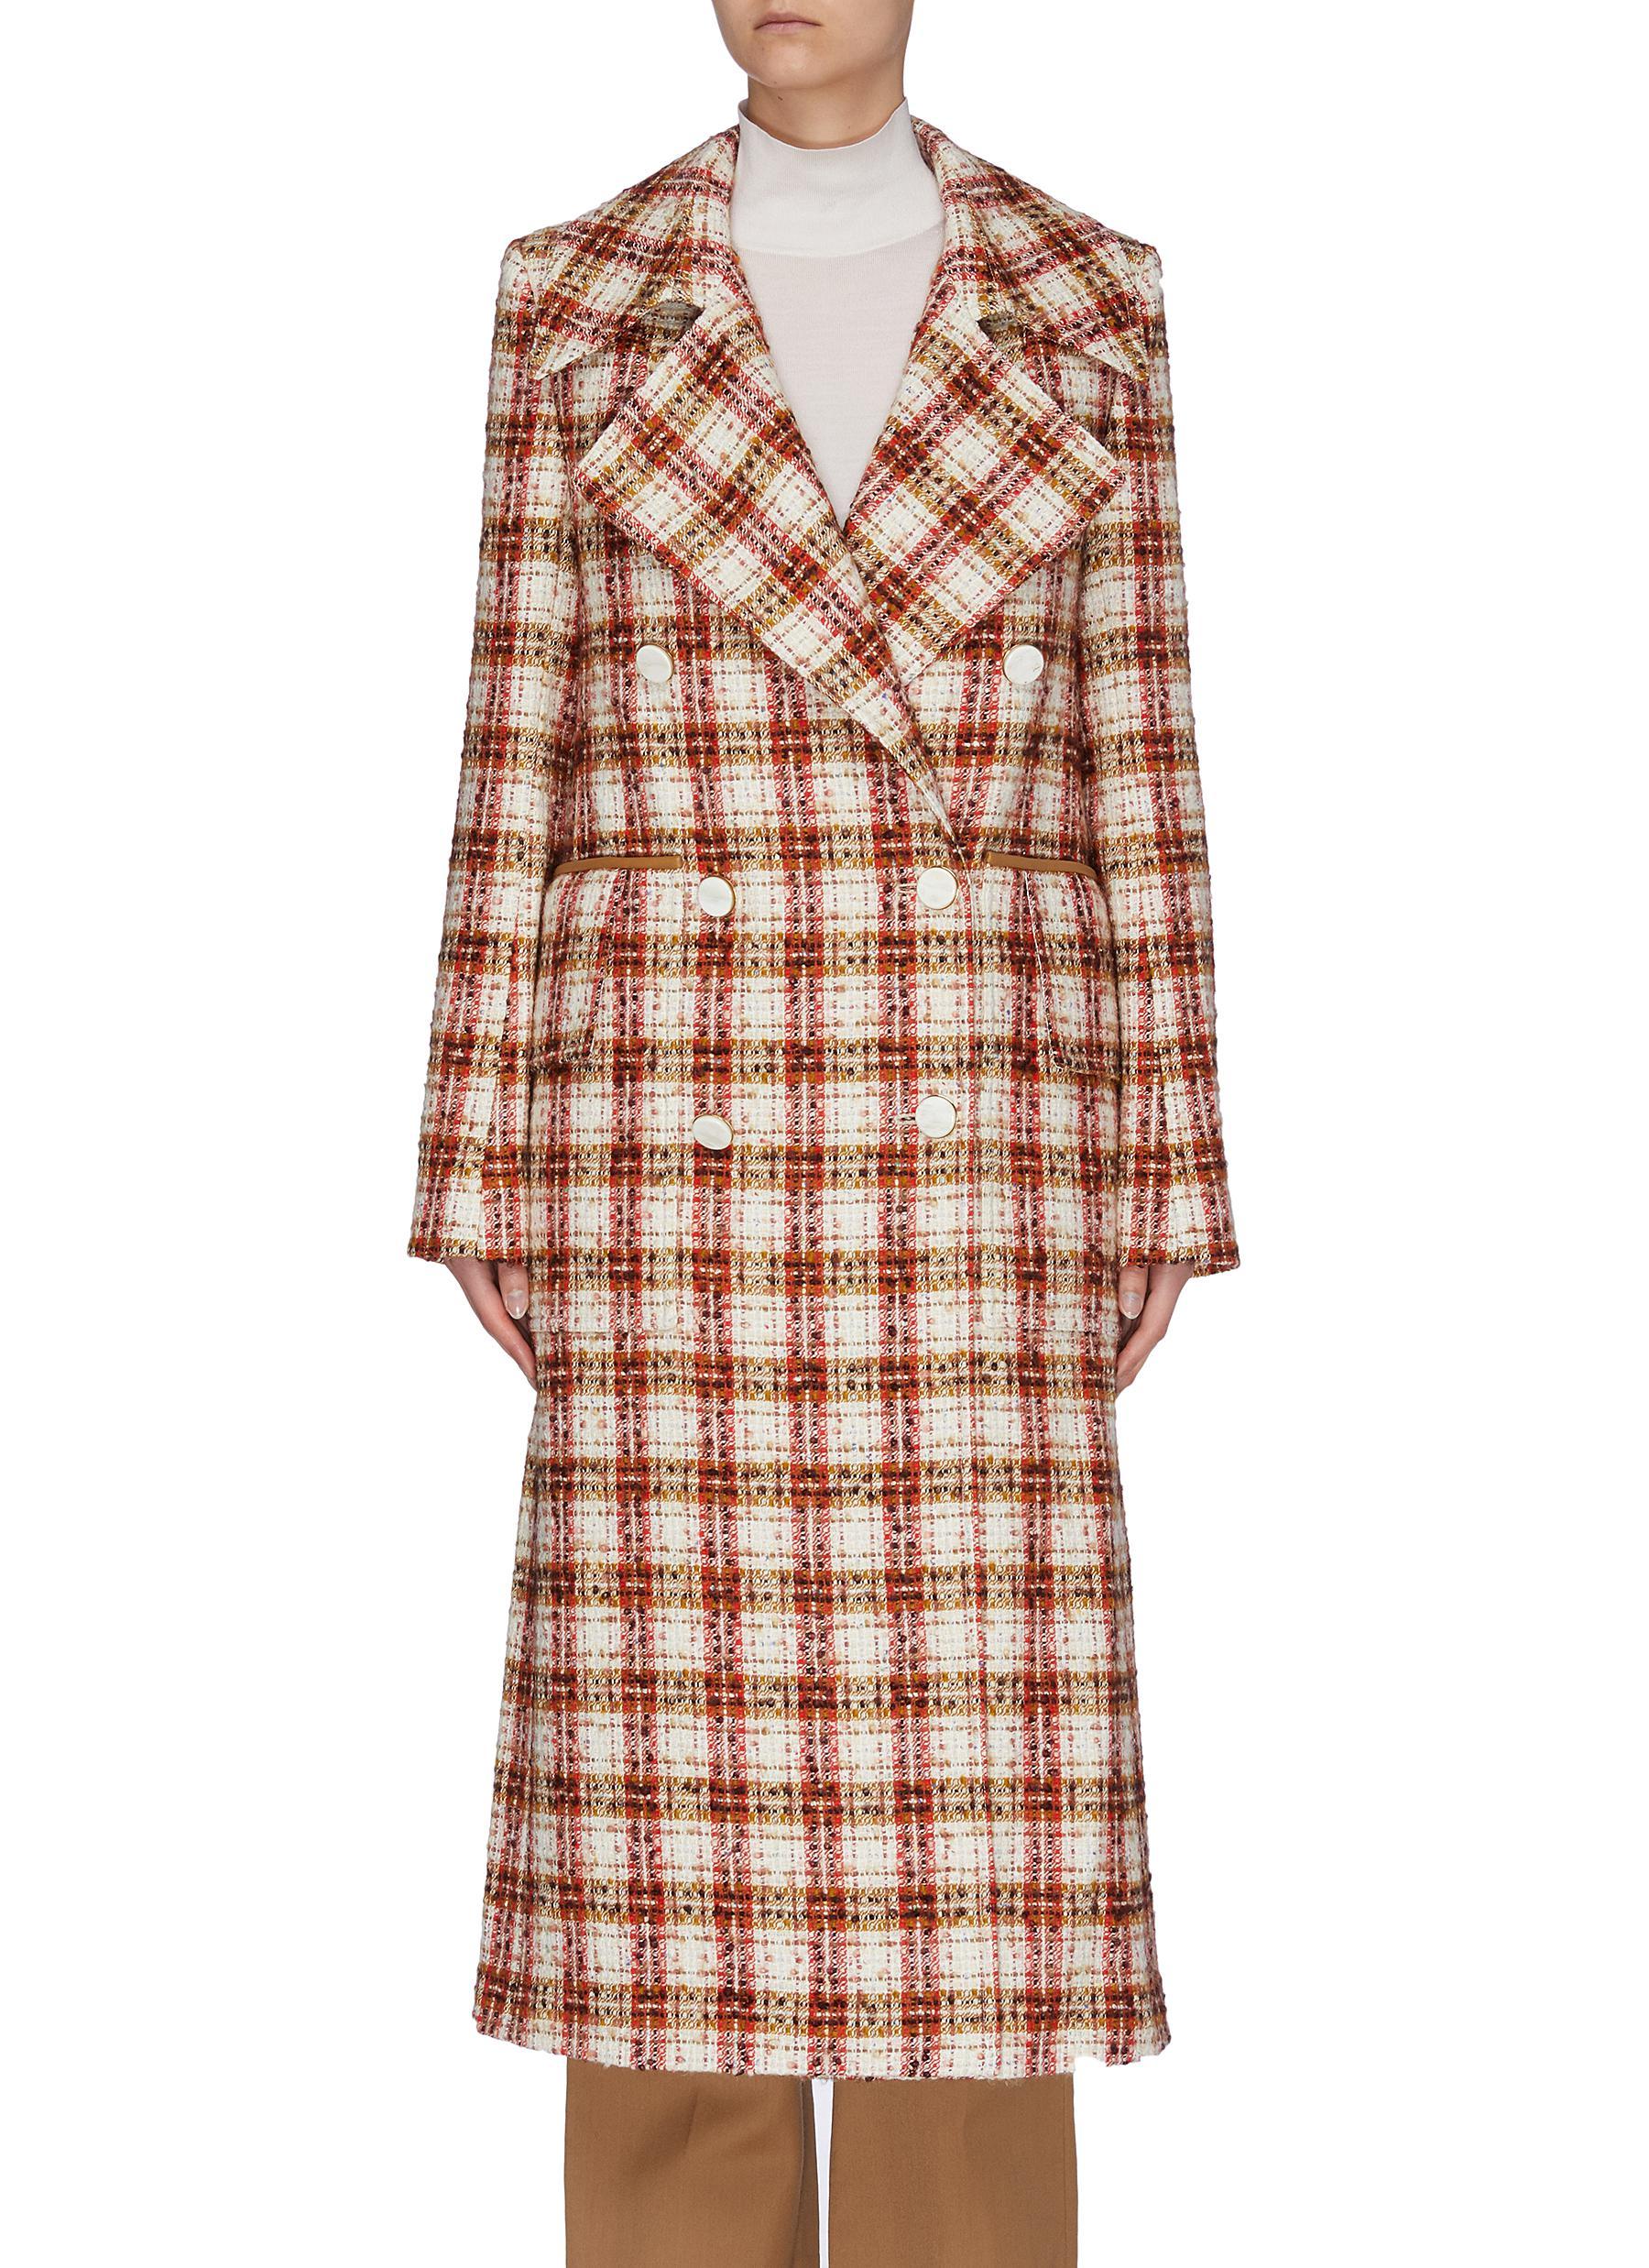 shop Victoria Beckham Oversize lapel double breast check tweed men's coat online